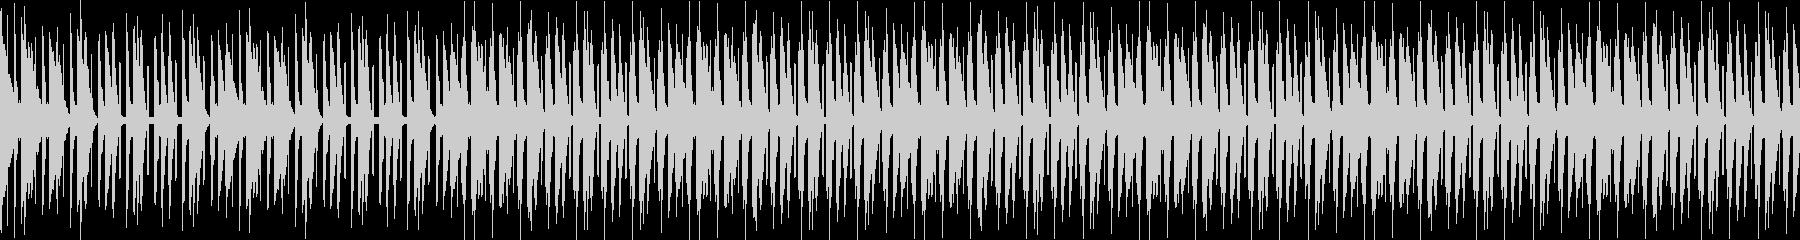 陶酔感のあるシンセが特徴的なスローテクノの未再生の波形